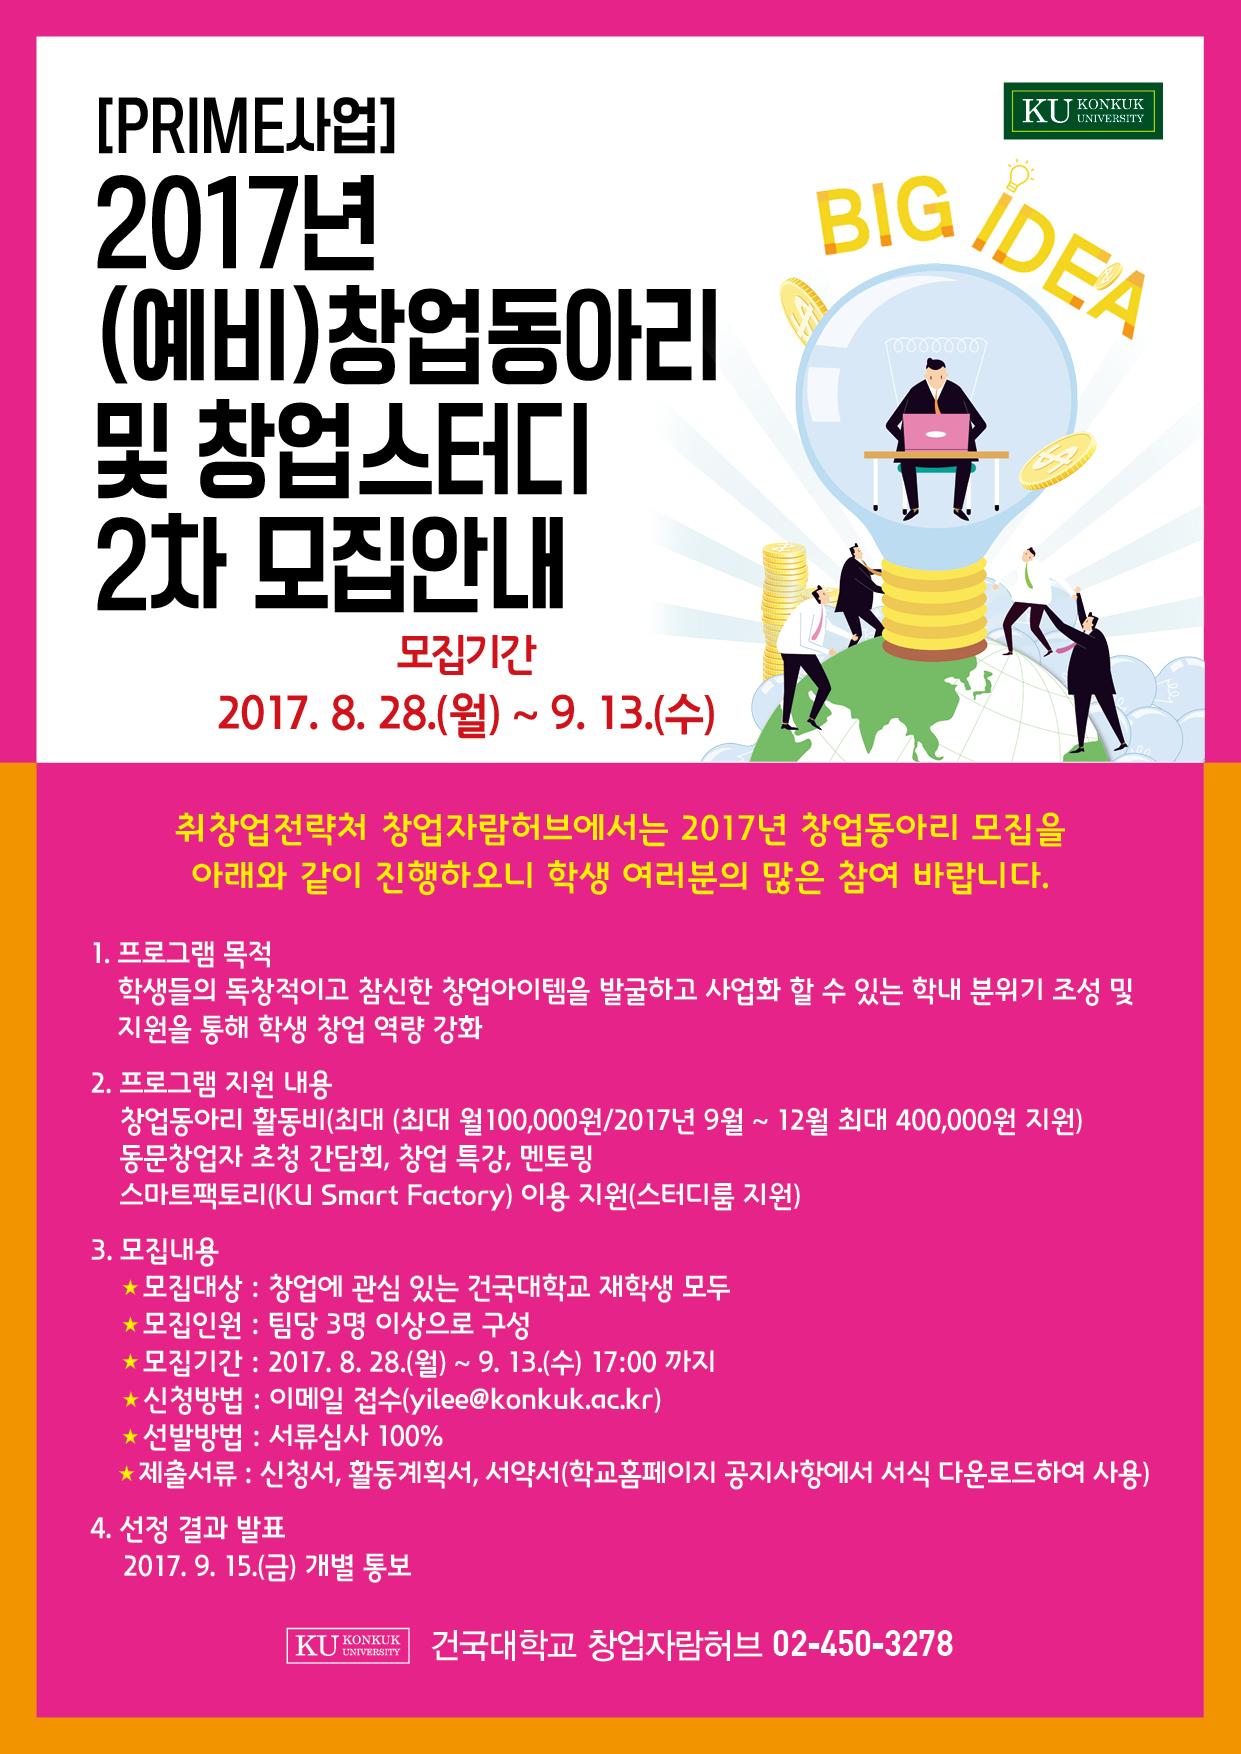 2017년 창업동아리 2차모집 포스터.jpg